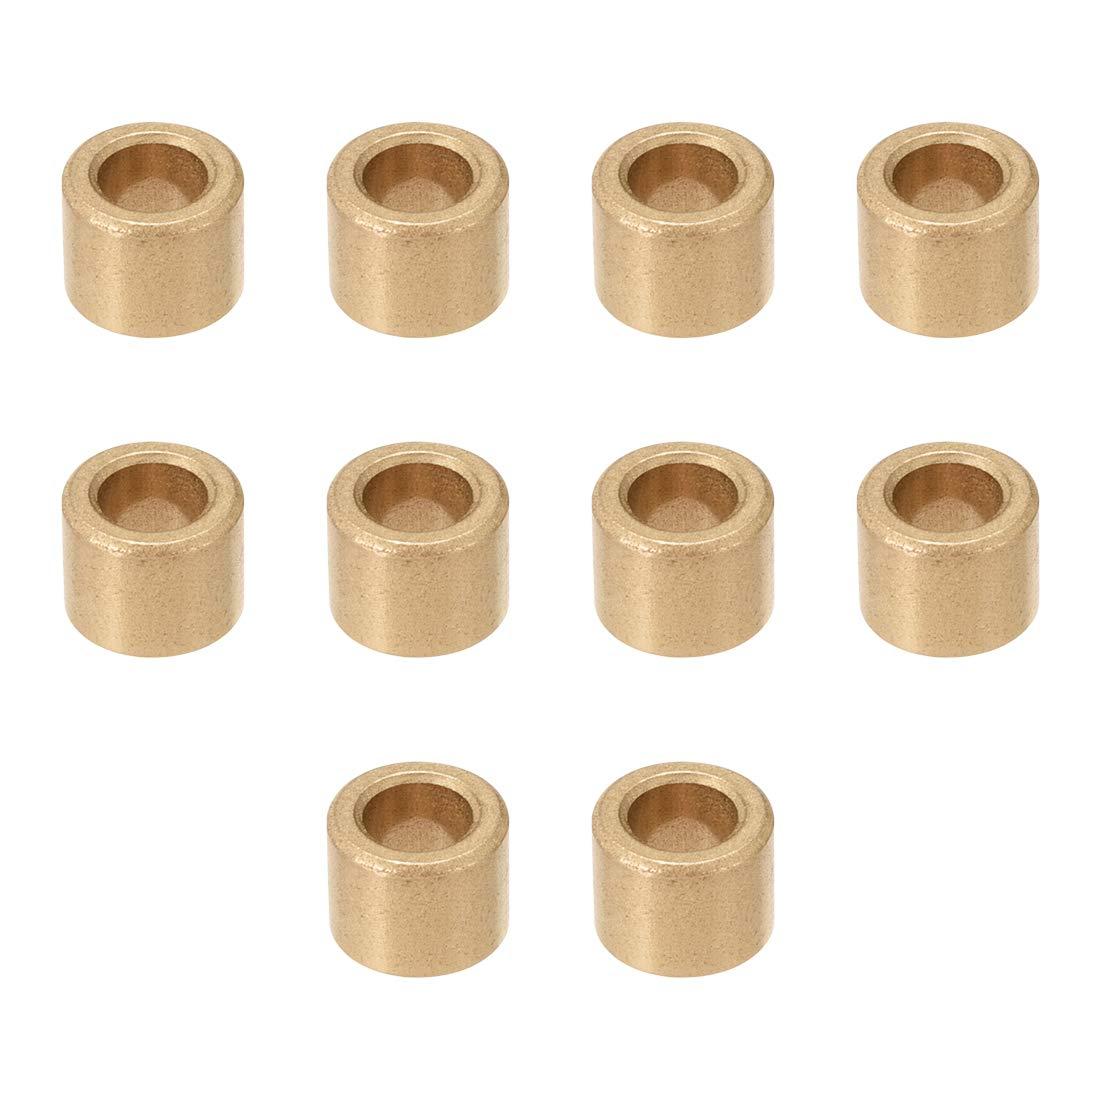 Sourcingmap 6 * 10 * 8 Rodamiento autolubricante Casquillos de rodamiento de bronce sinterizado 6 mm, 8 mm 10Qty